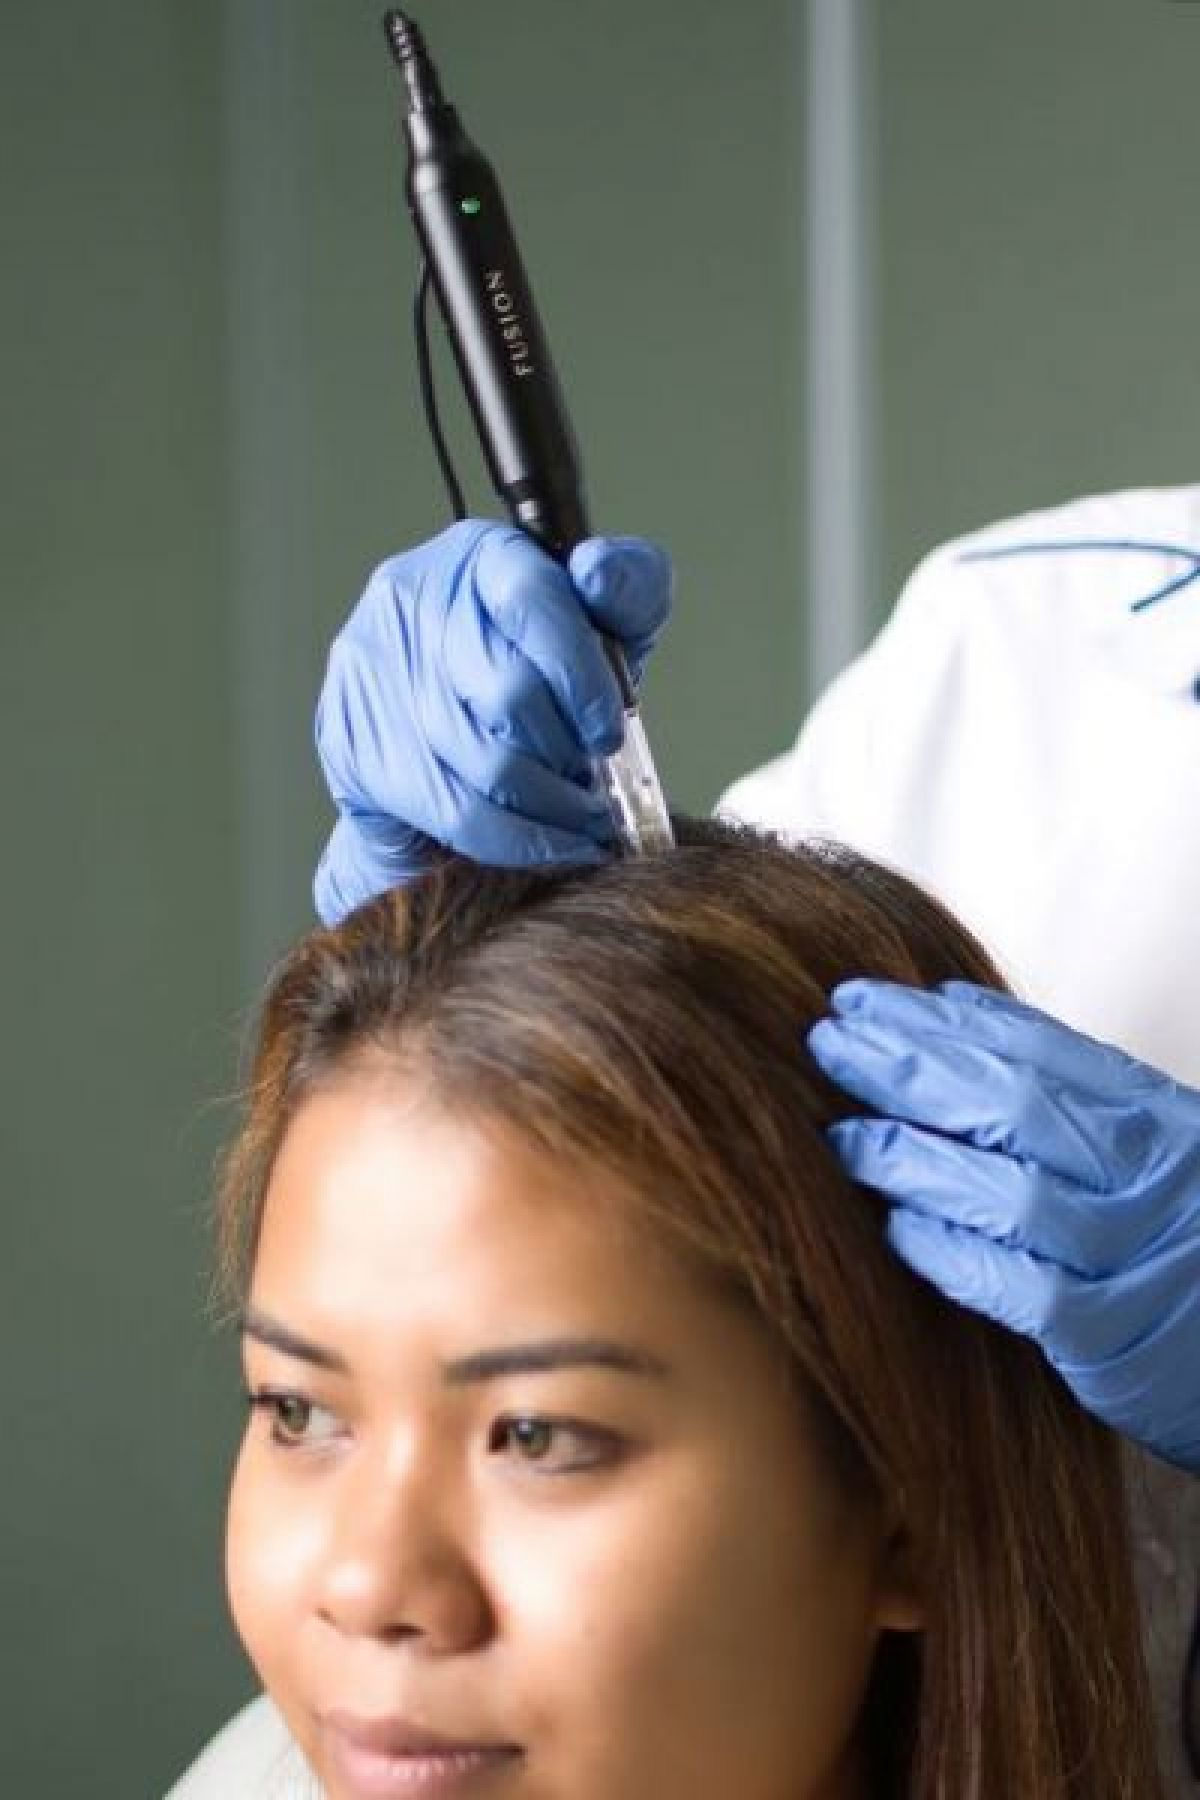 Hair needling à Orléans (45) Par Souad - Estheca